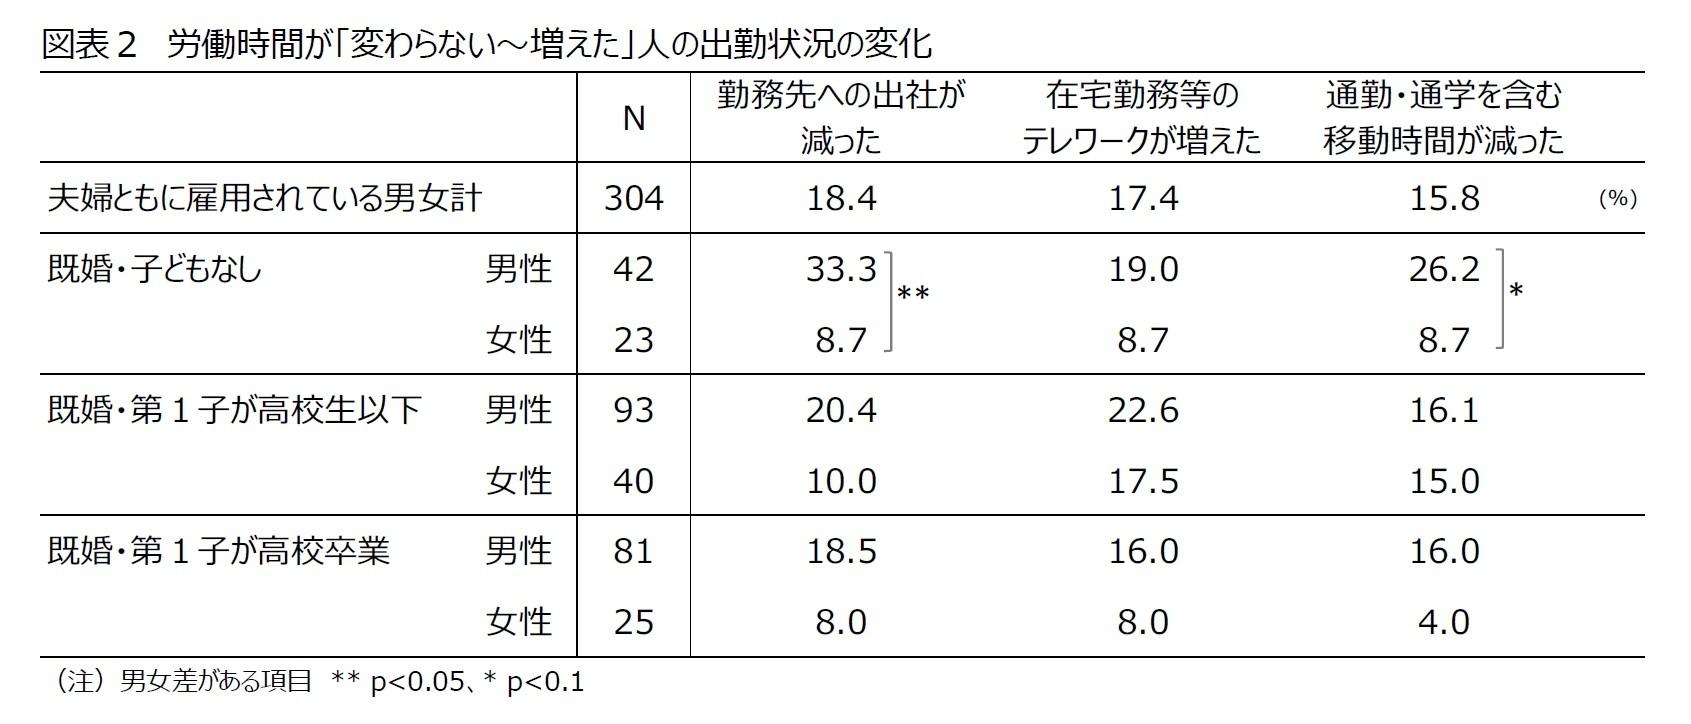 図表2 労働時間が「変わらない~増えた」人の出勤状況の変化